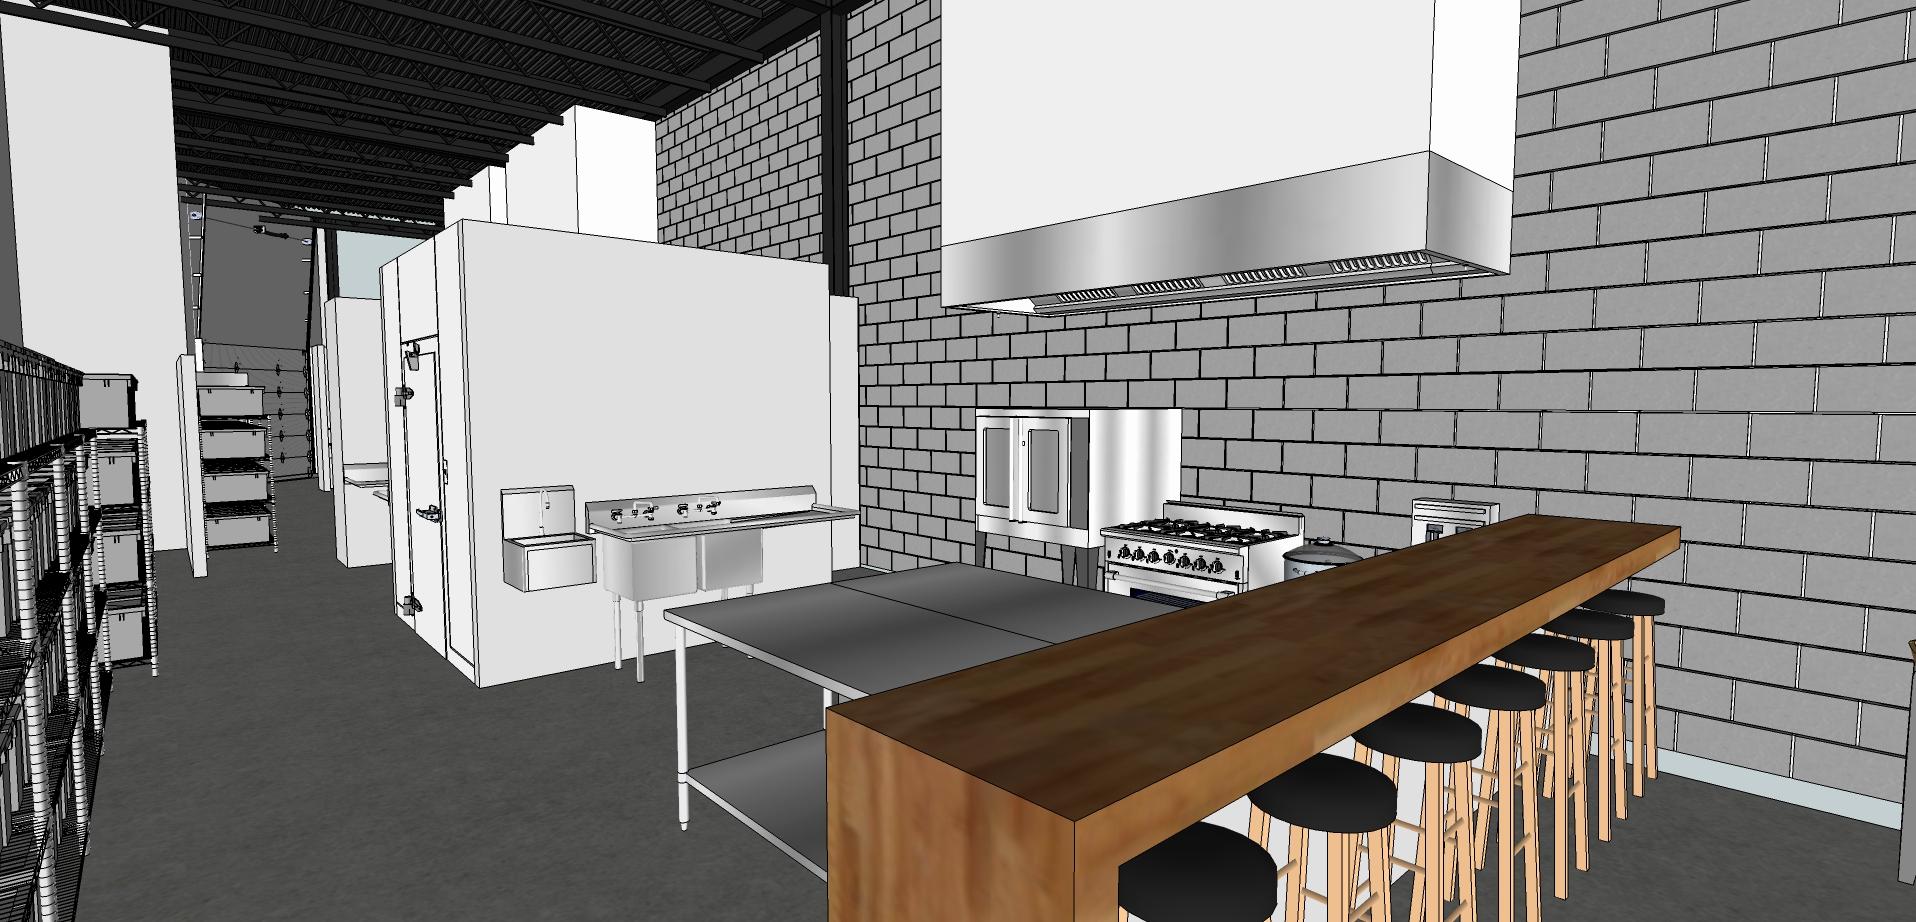 ottawa commercial kitchen cauldron incubator commissary - Kitchen Incubator